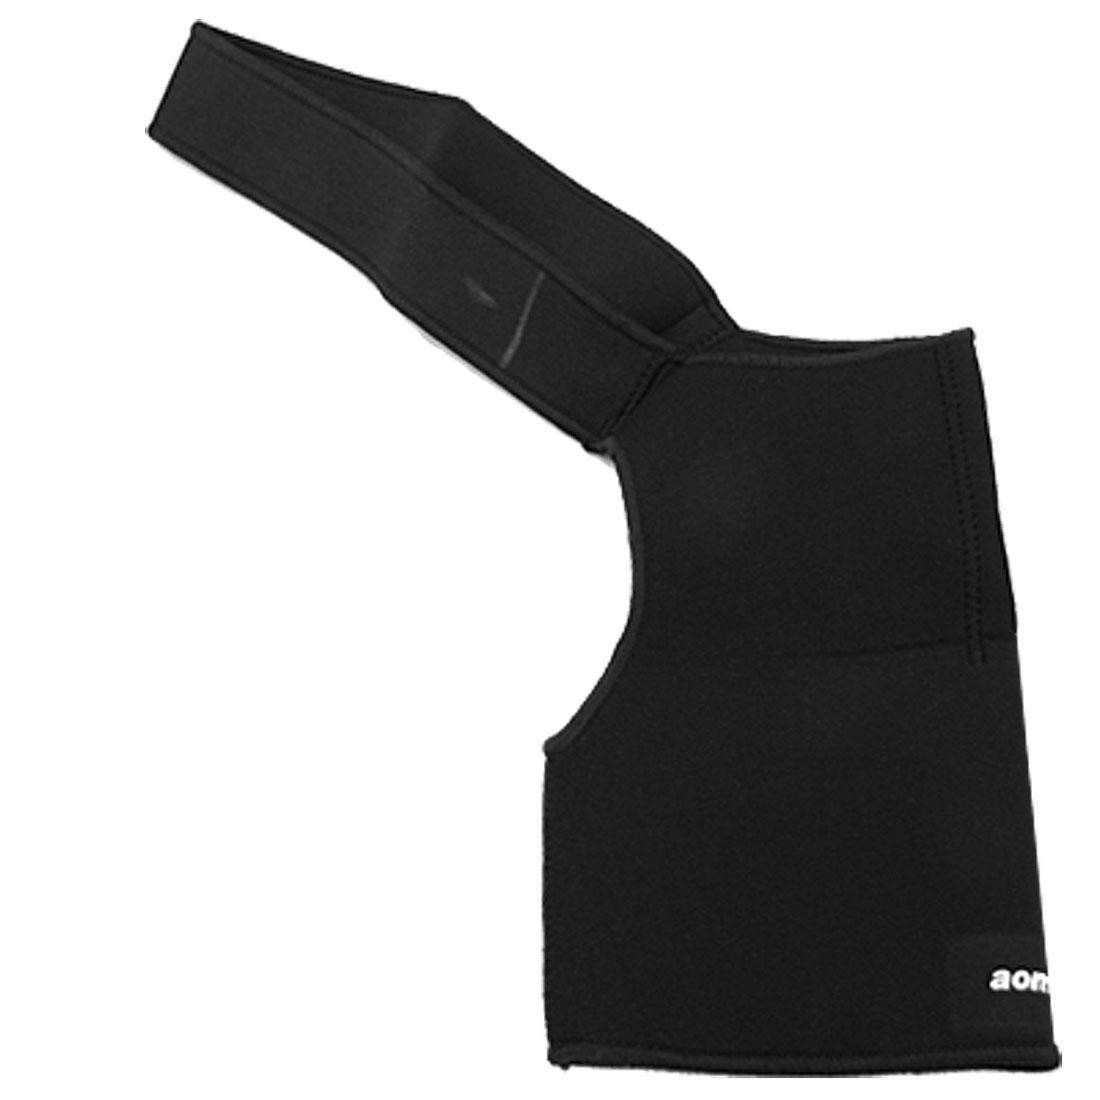 Neoprene Single Shoulder Support Wrap Brace Black for Sprain Injury Prevention